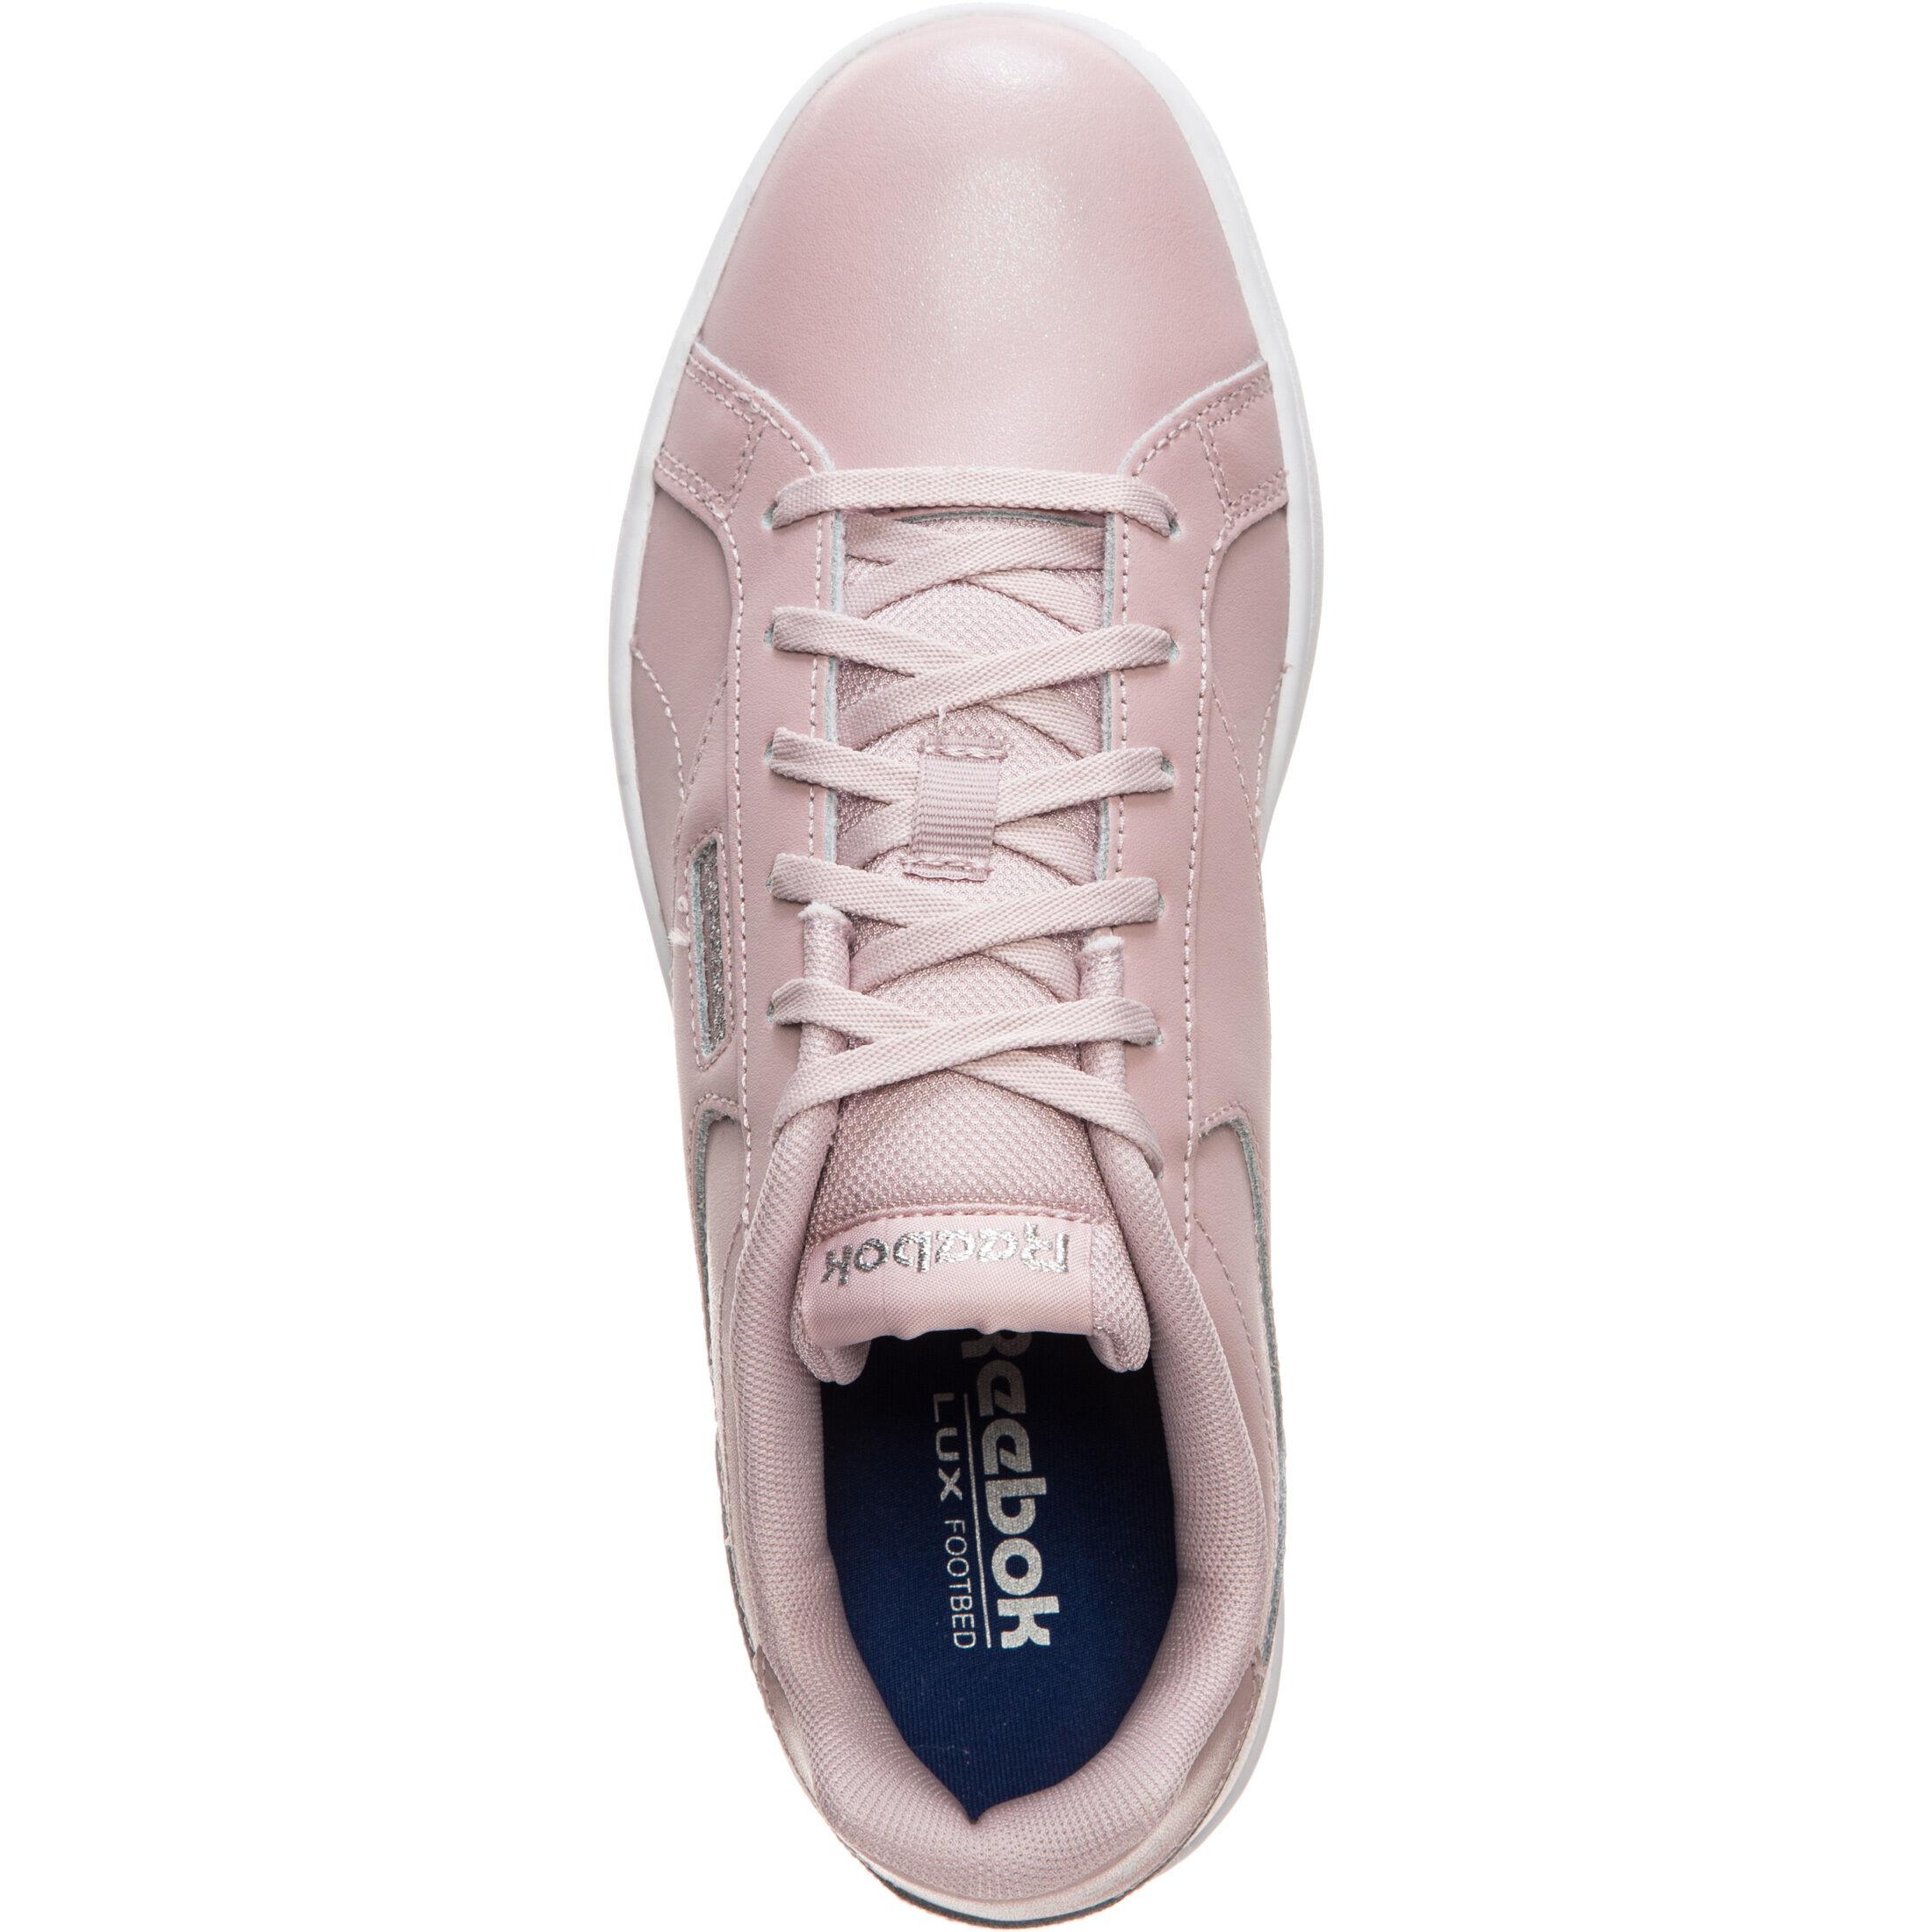 Royal Complete Clean LX Sneaker Damen